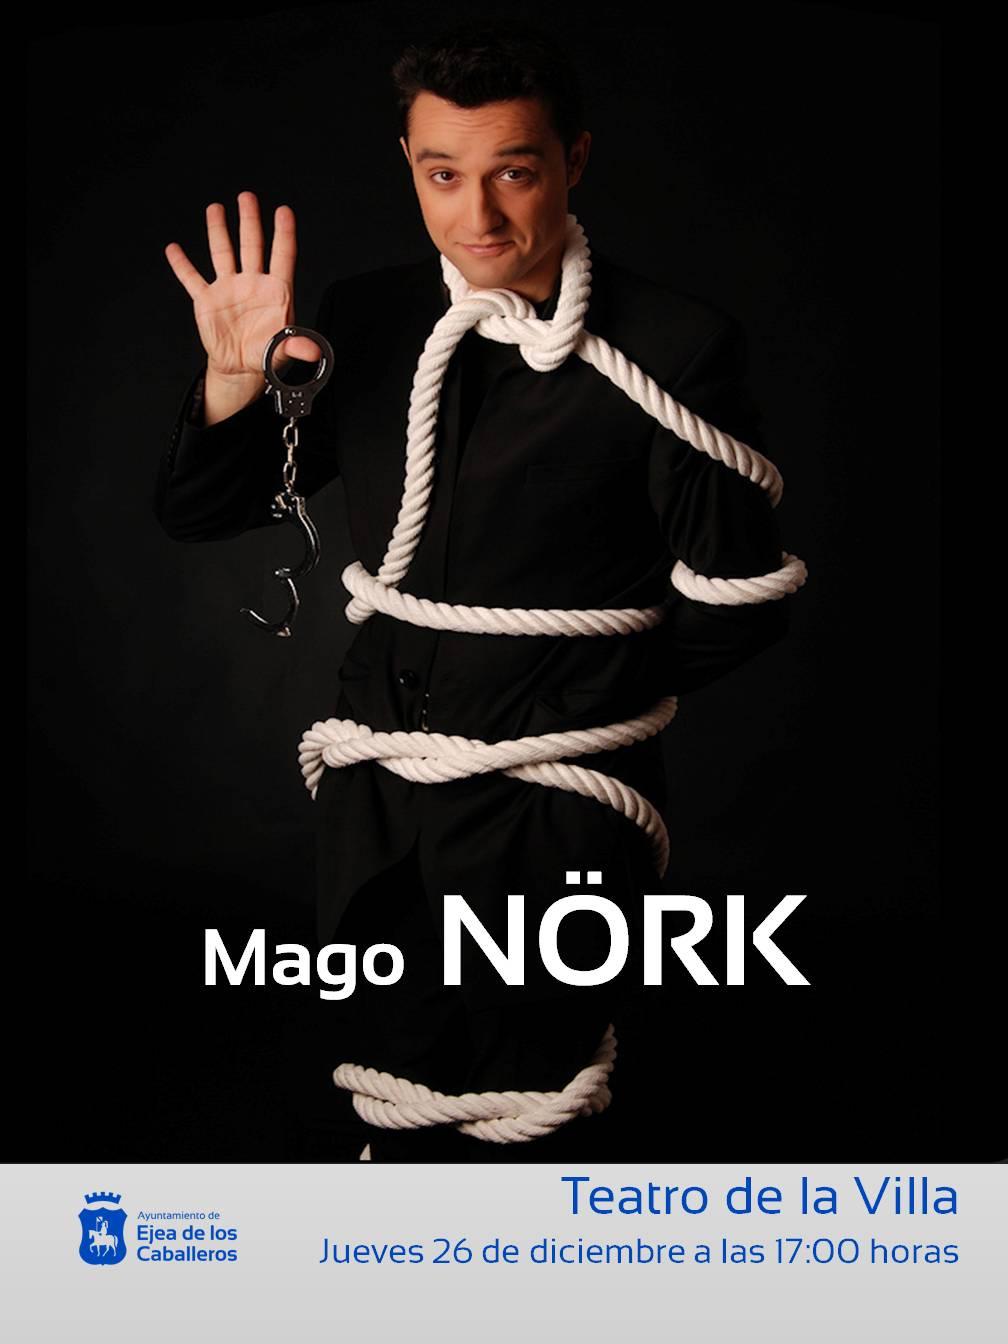 MAGIA, MÚSICA y HUMOR CON EL MAGO NÖRK